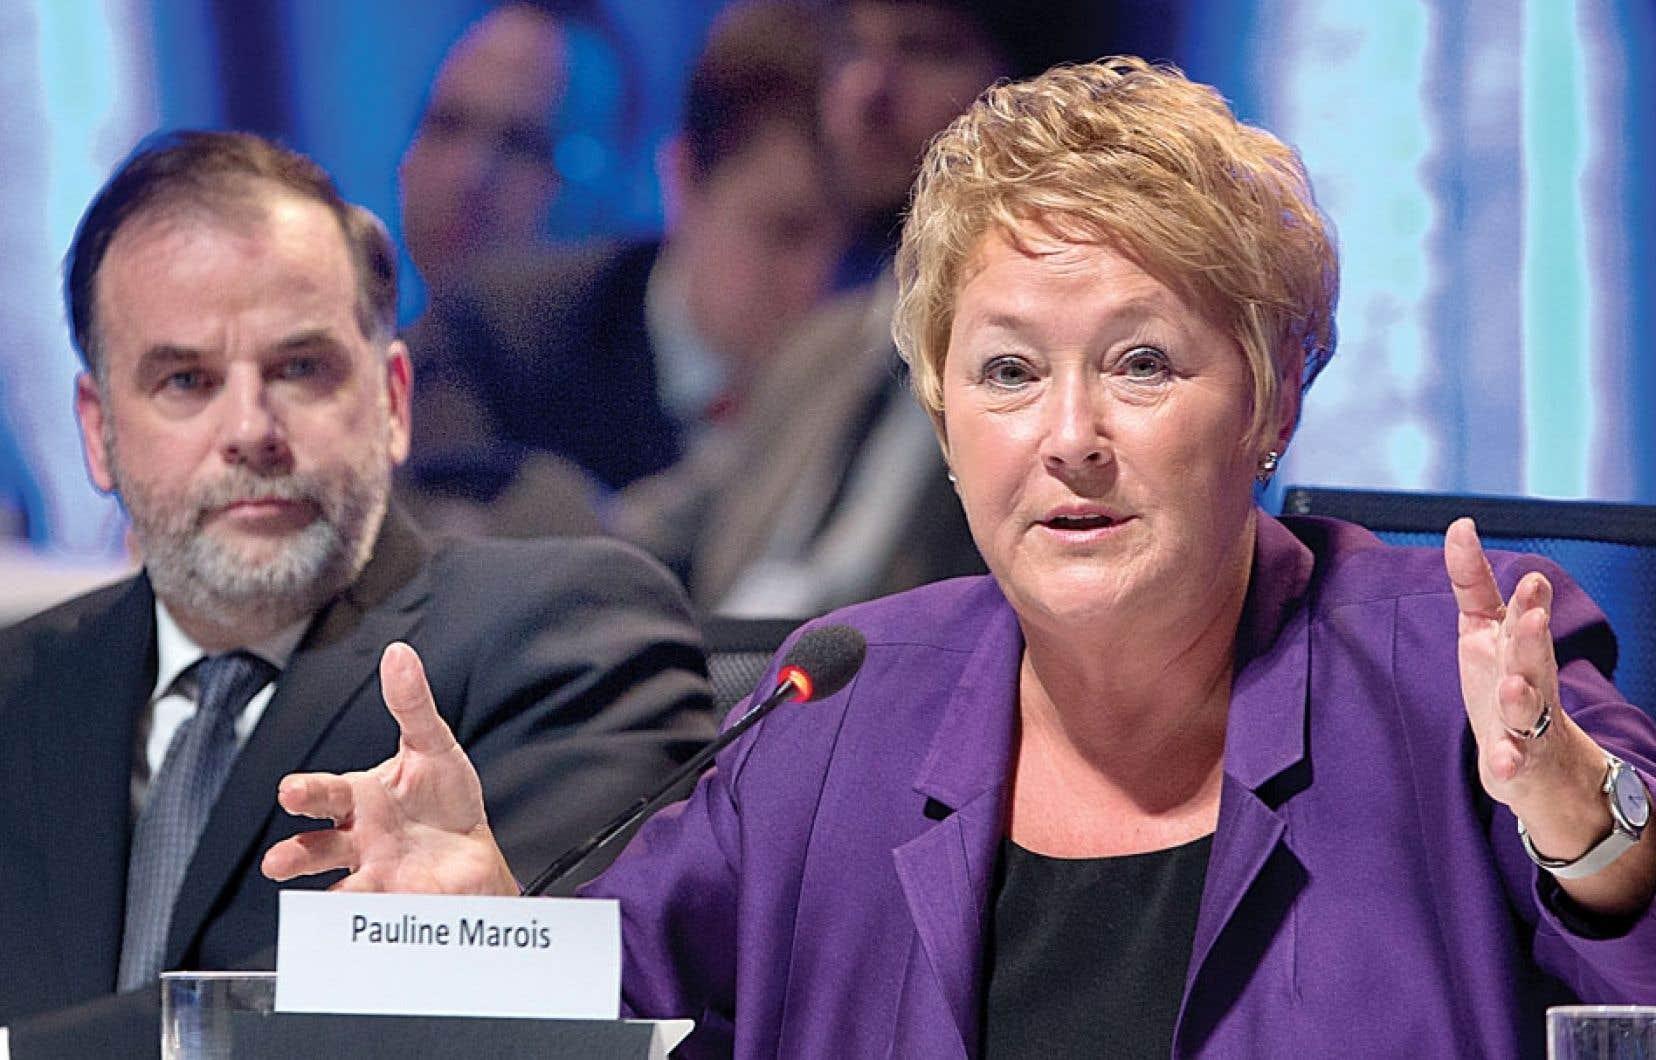 La première ministre Pauline Marois s'exprimant aux côtés du ministre Pierre Duchesne à la fin de la première journée du Sommet sur l'enseignement supérieur. Le gouvernement a abattu ses cartes à propos des droits de scolarité.